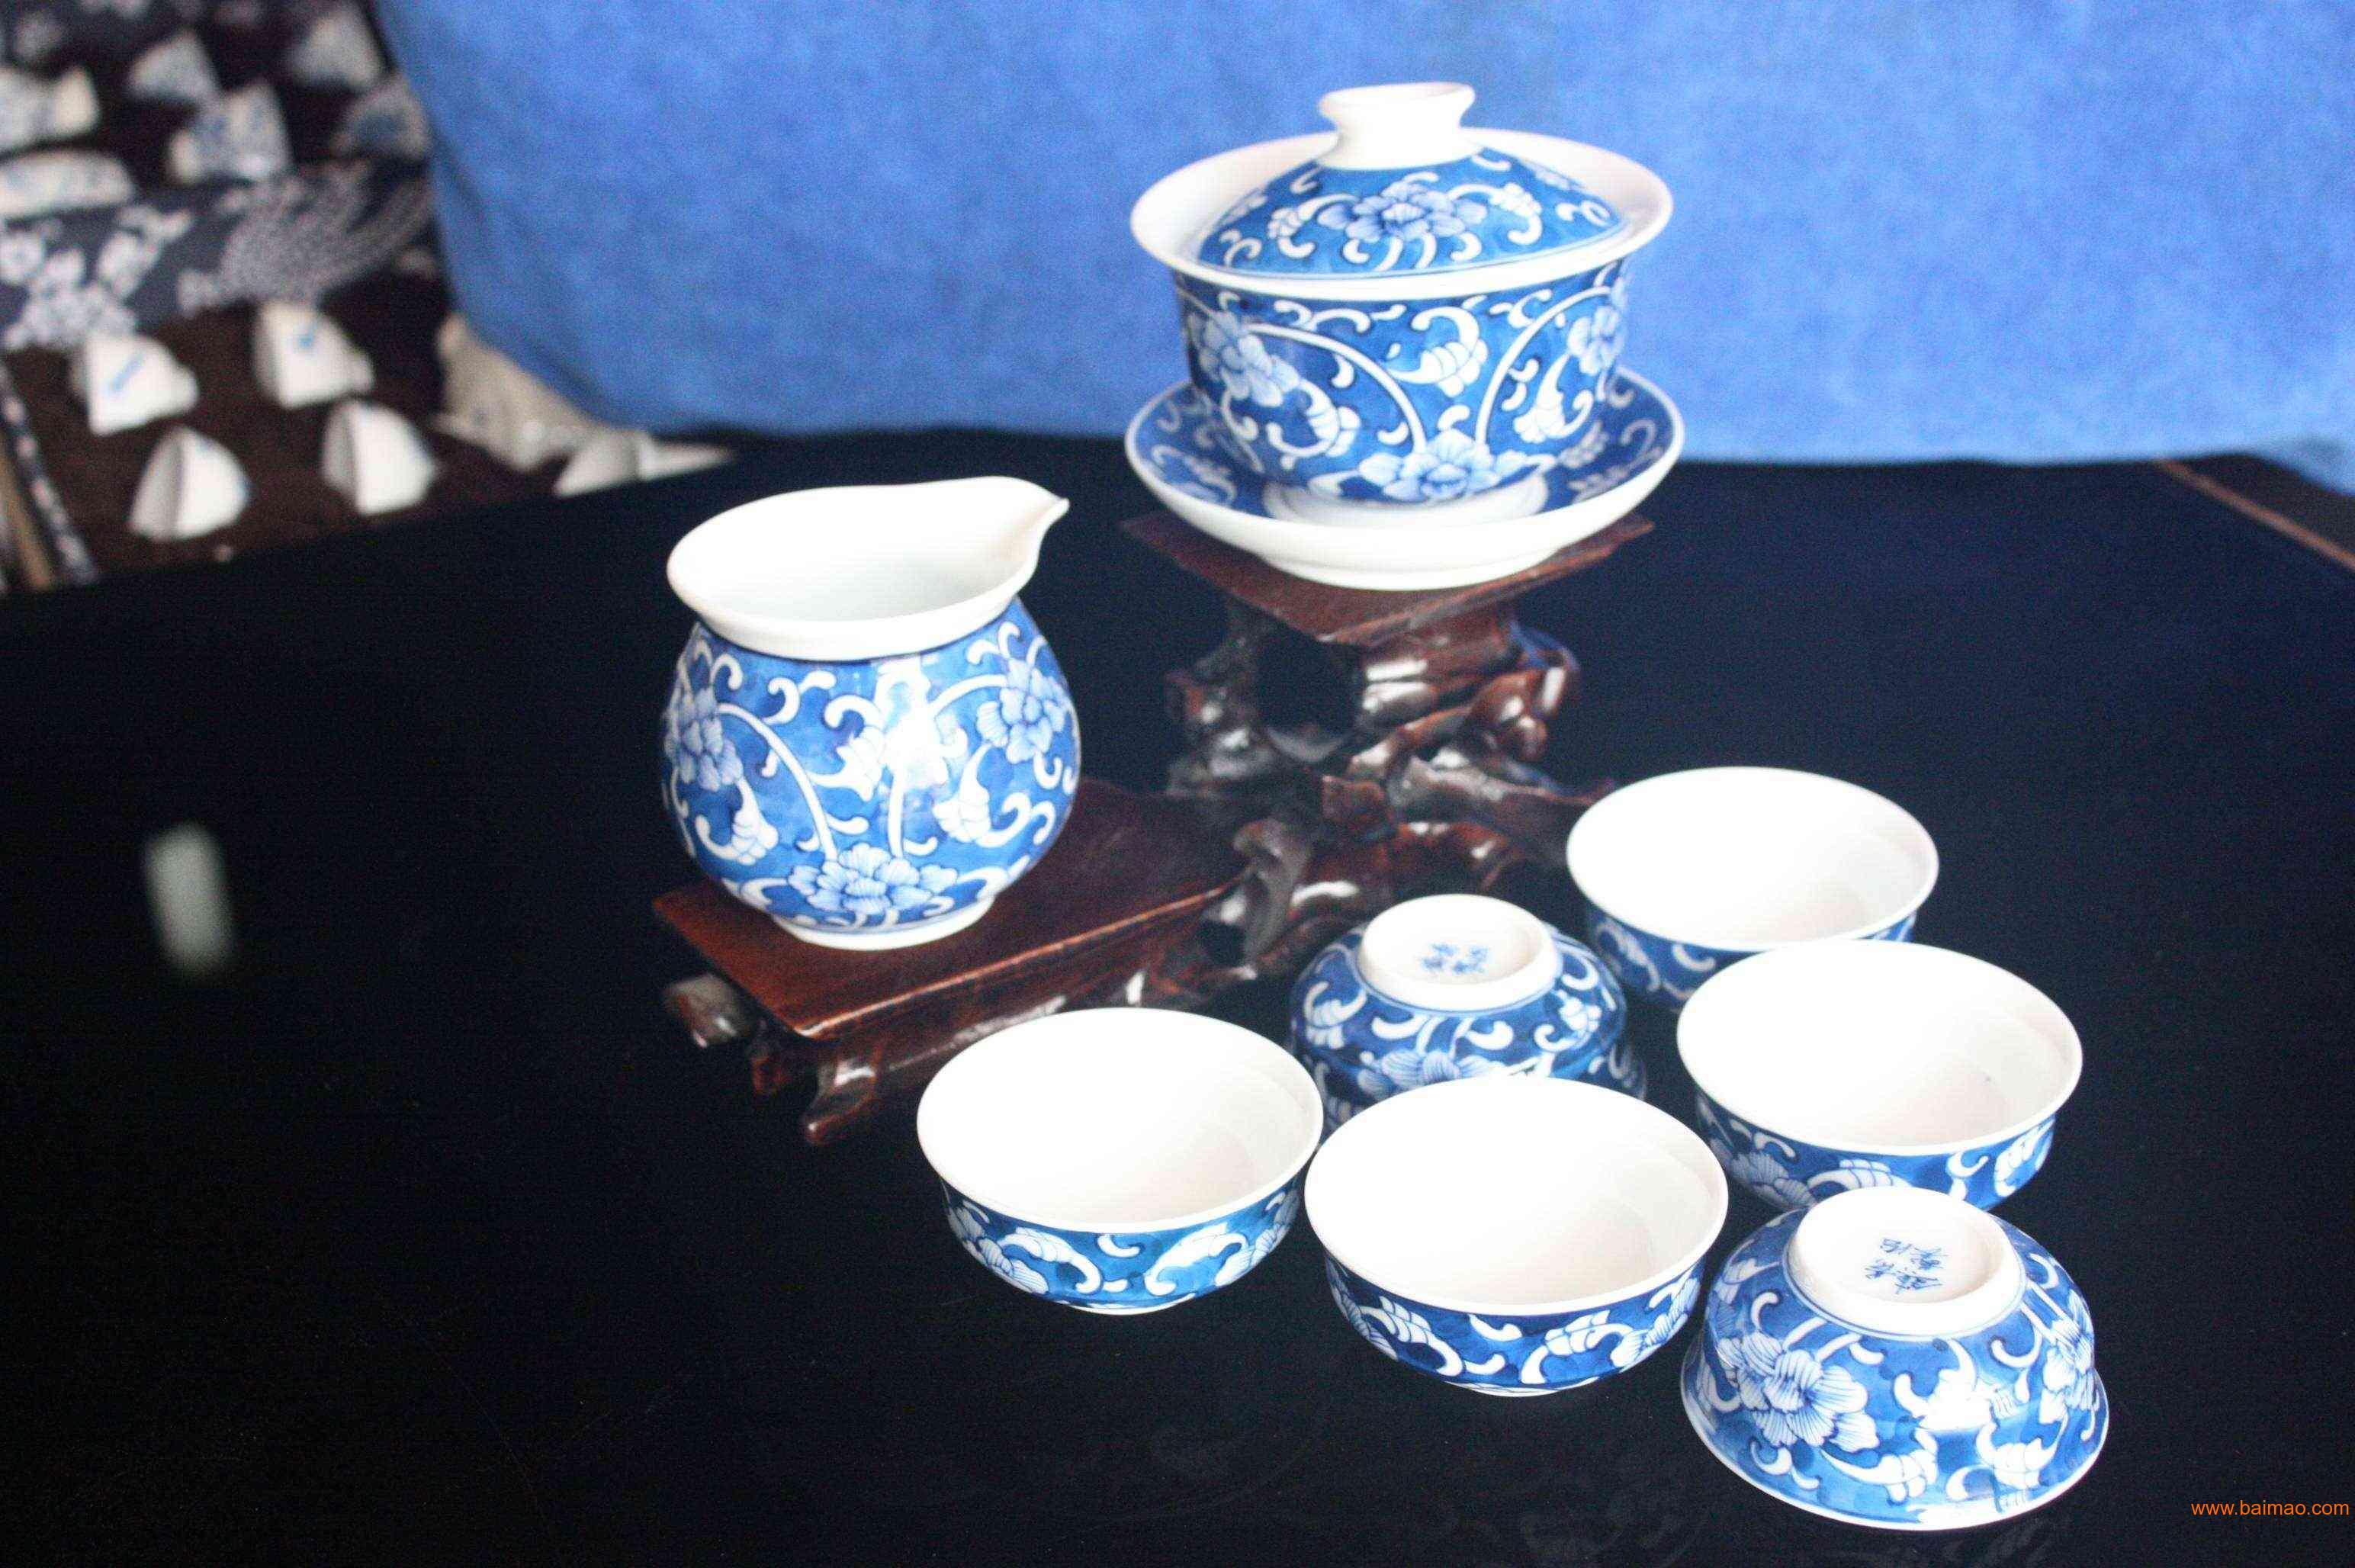 手绘青花瓷茶具图片